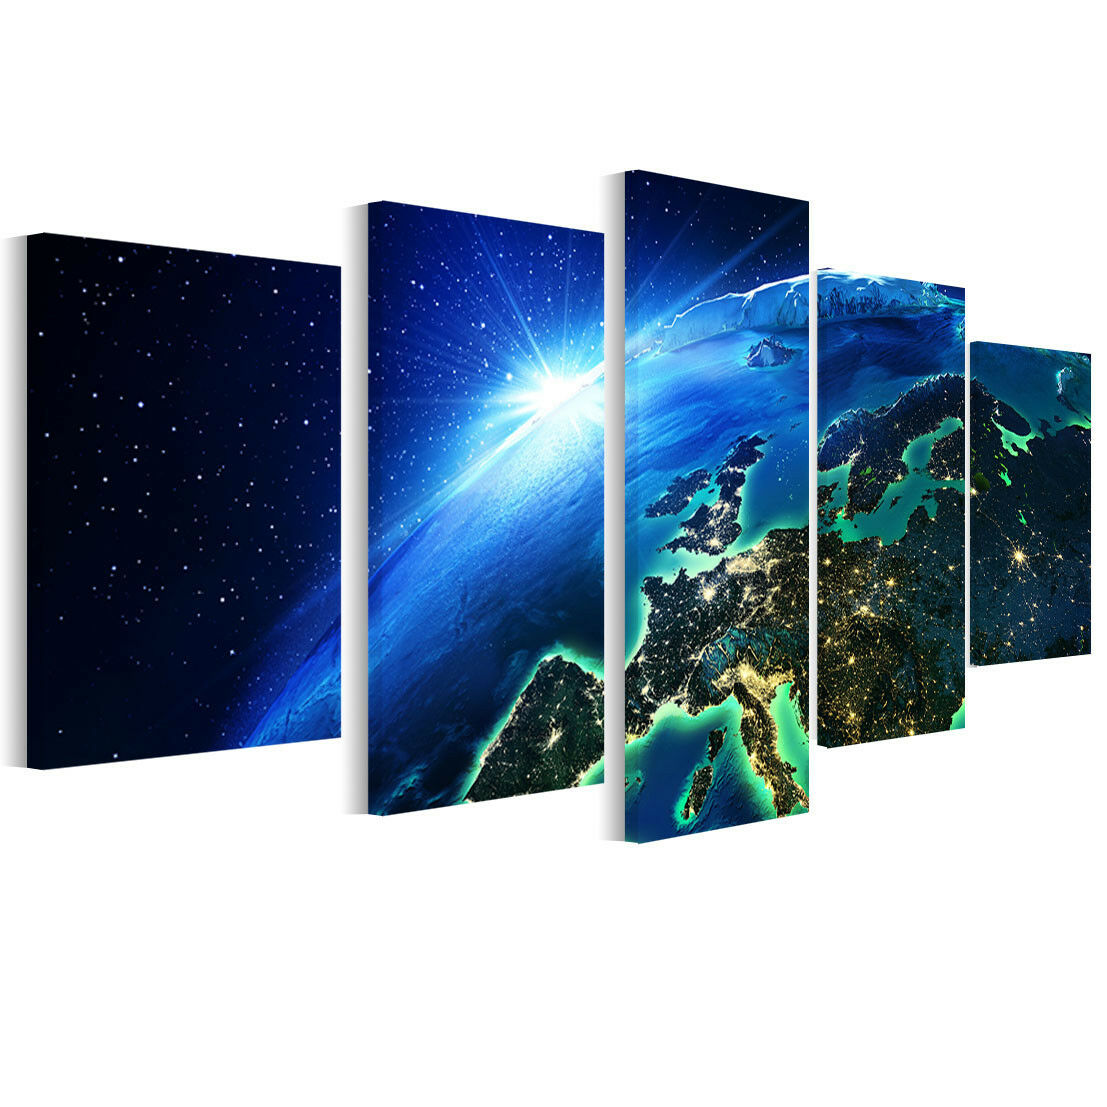 Leinwand Bilder In der Nacht - Foto, Bild, Wandbilder Fürs Wohnzimmer B5D175